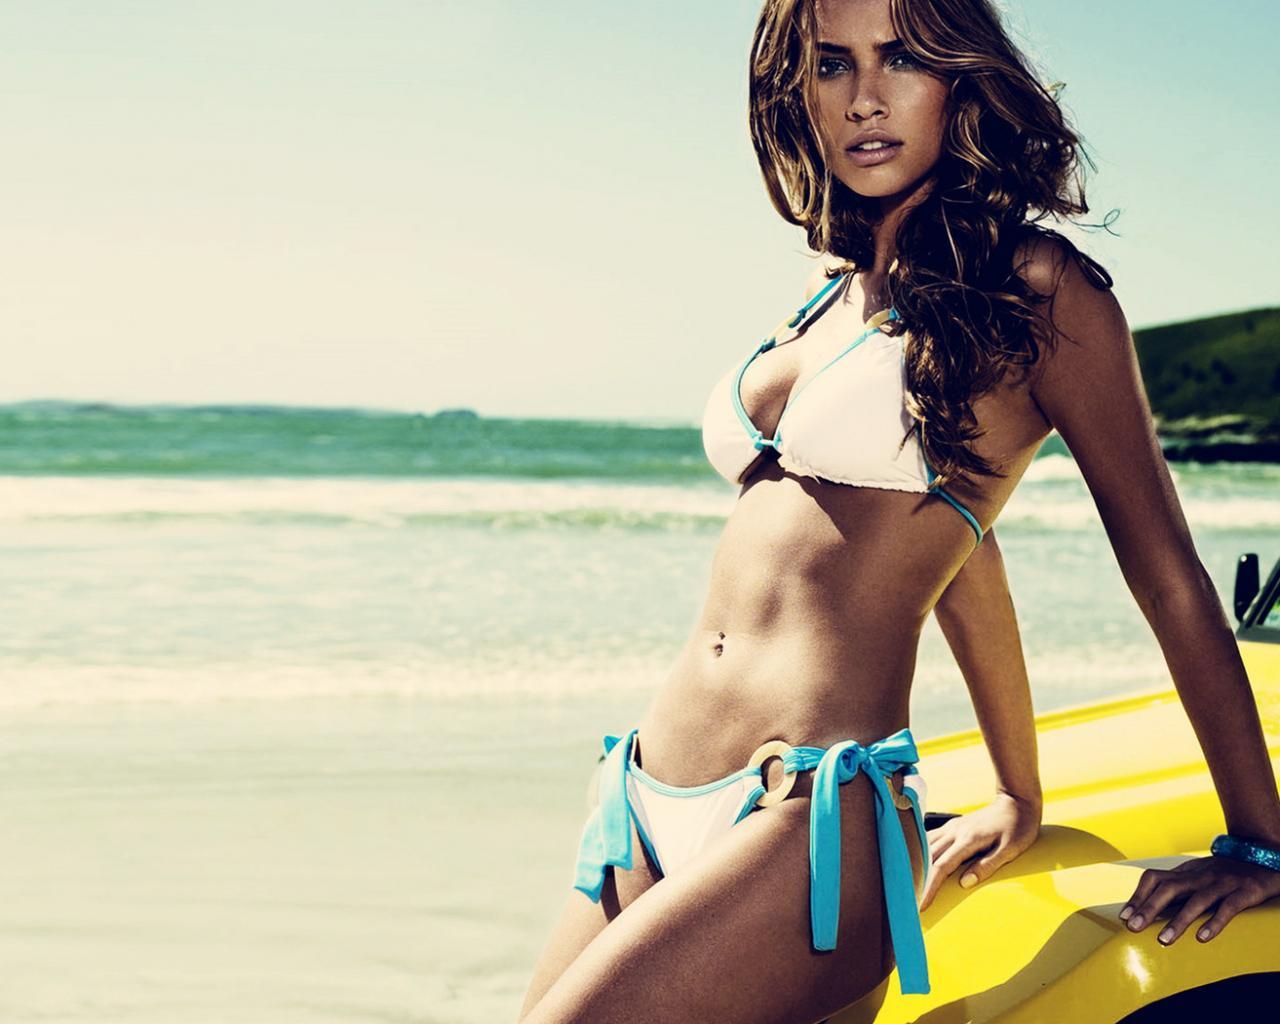 Картинки красивая девушка на пляже